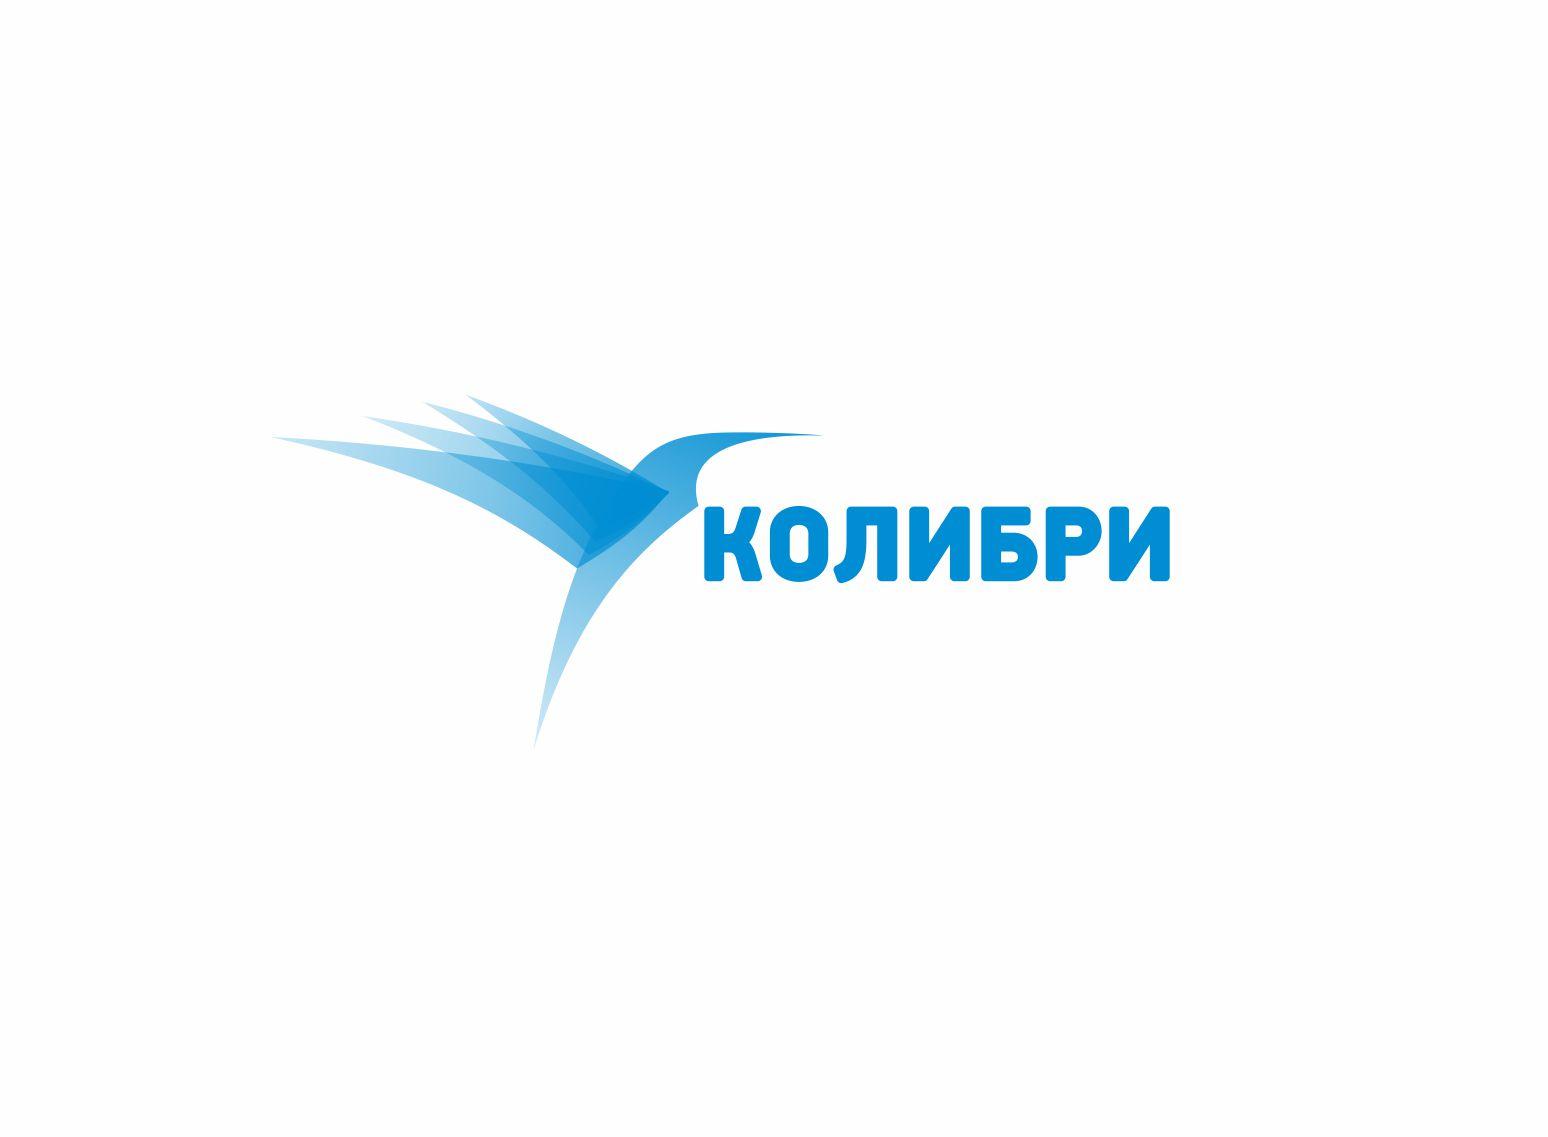 Дизайнер, разработка логотипа компании фото f_274557fef4a4b0ee.jpg